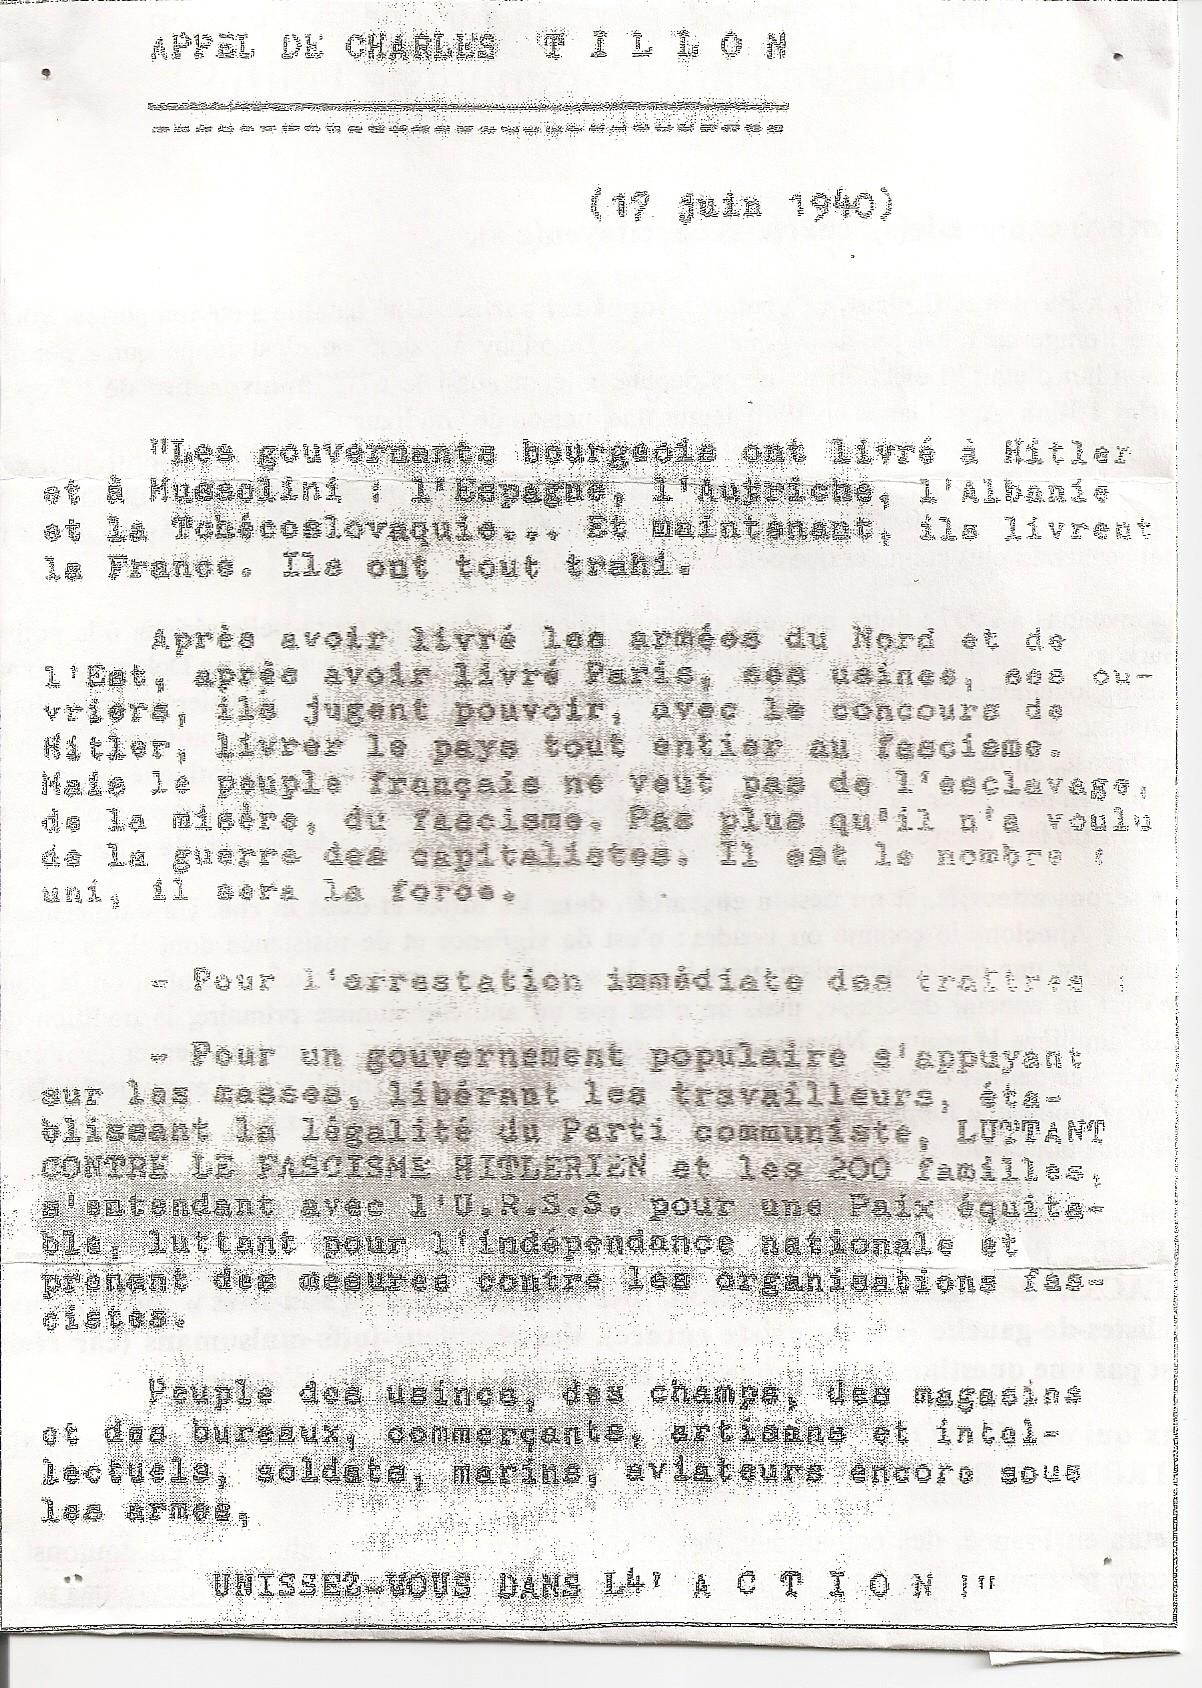 17 juin 1940 appel tillon résistance